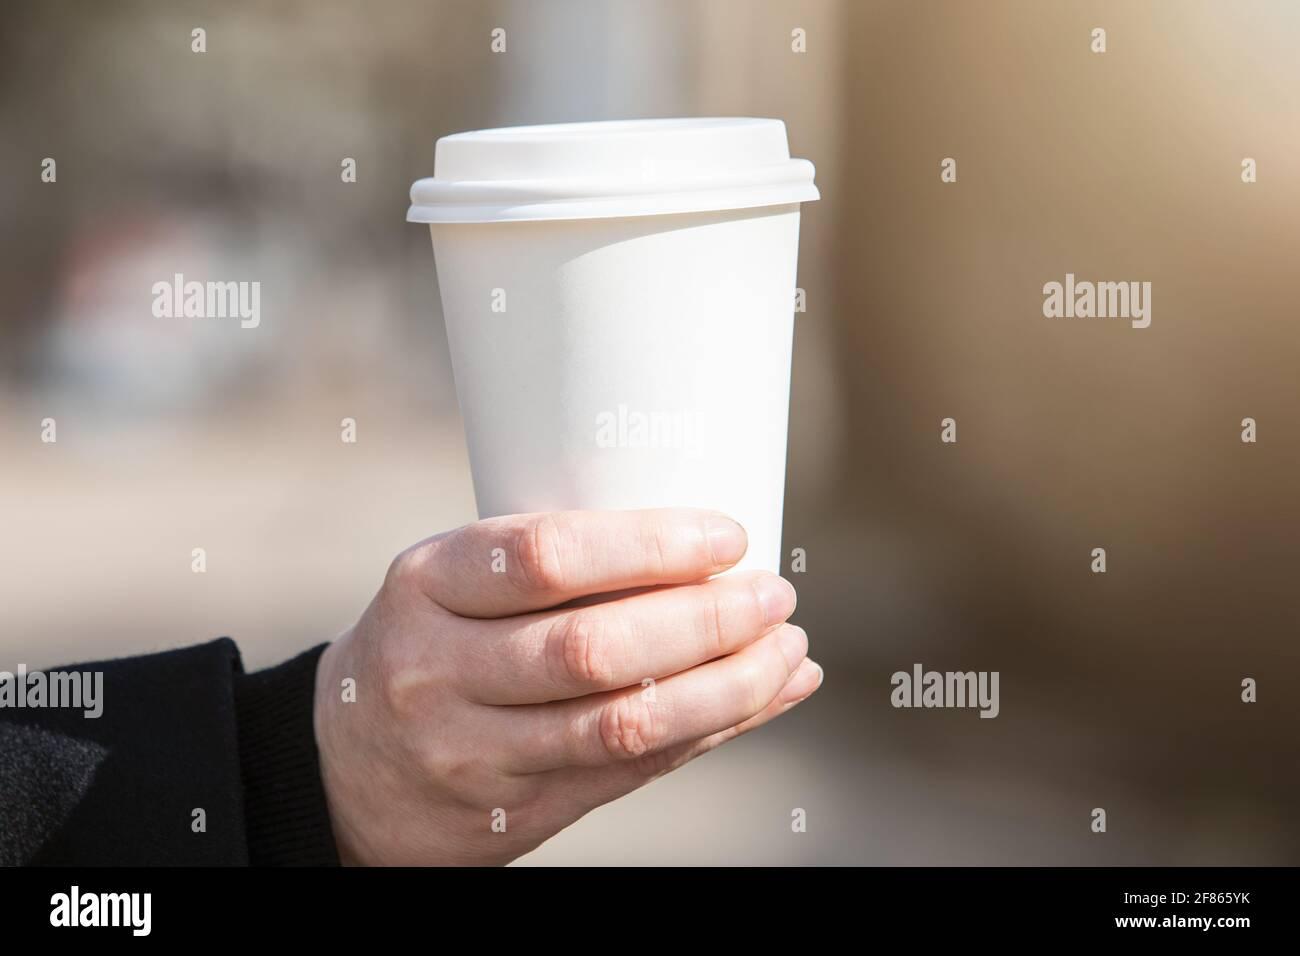 Tazza di carta con caffè in mano della donna. La mattina presto, la colazione e l'inizio del lavoro da. Spazio vuoto per testo, mockup. Foto Stock